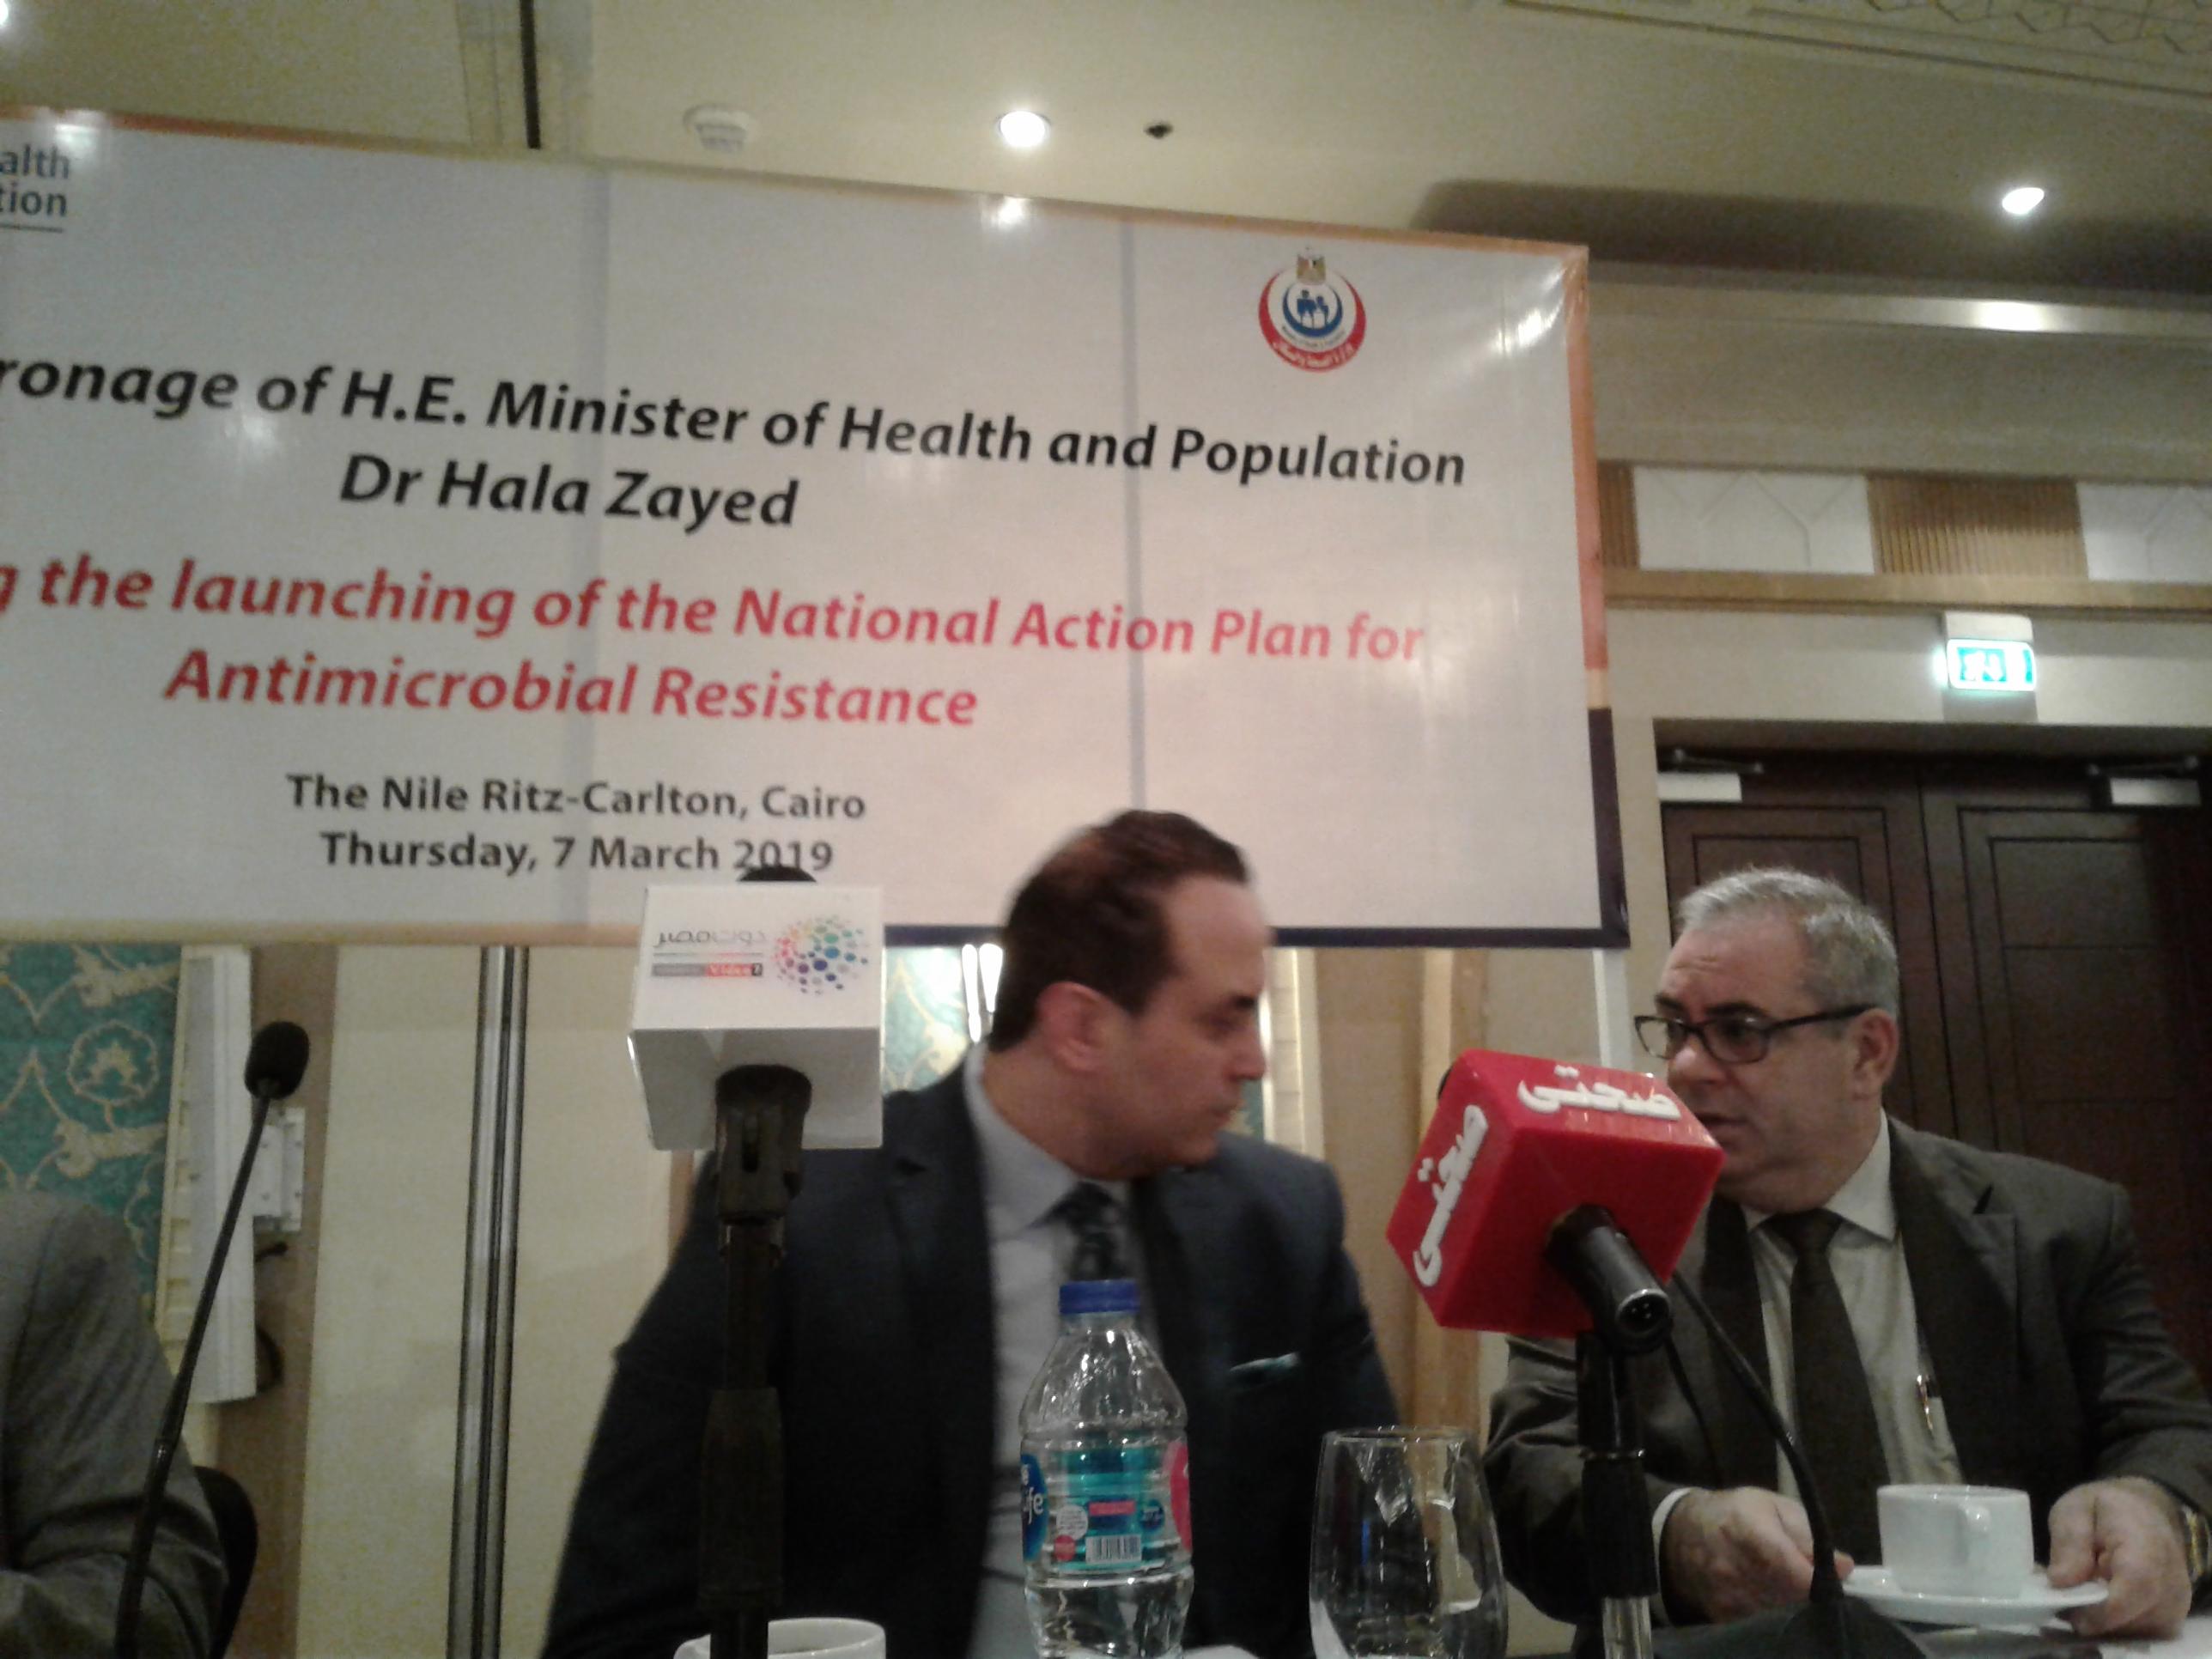 جانب من احتفالية إطلاق الخطة القومية لمكافحة الميكروبات المقاومة للمضادات الحيوية (7)